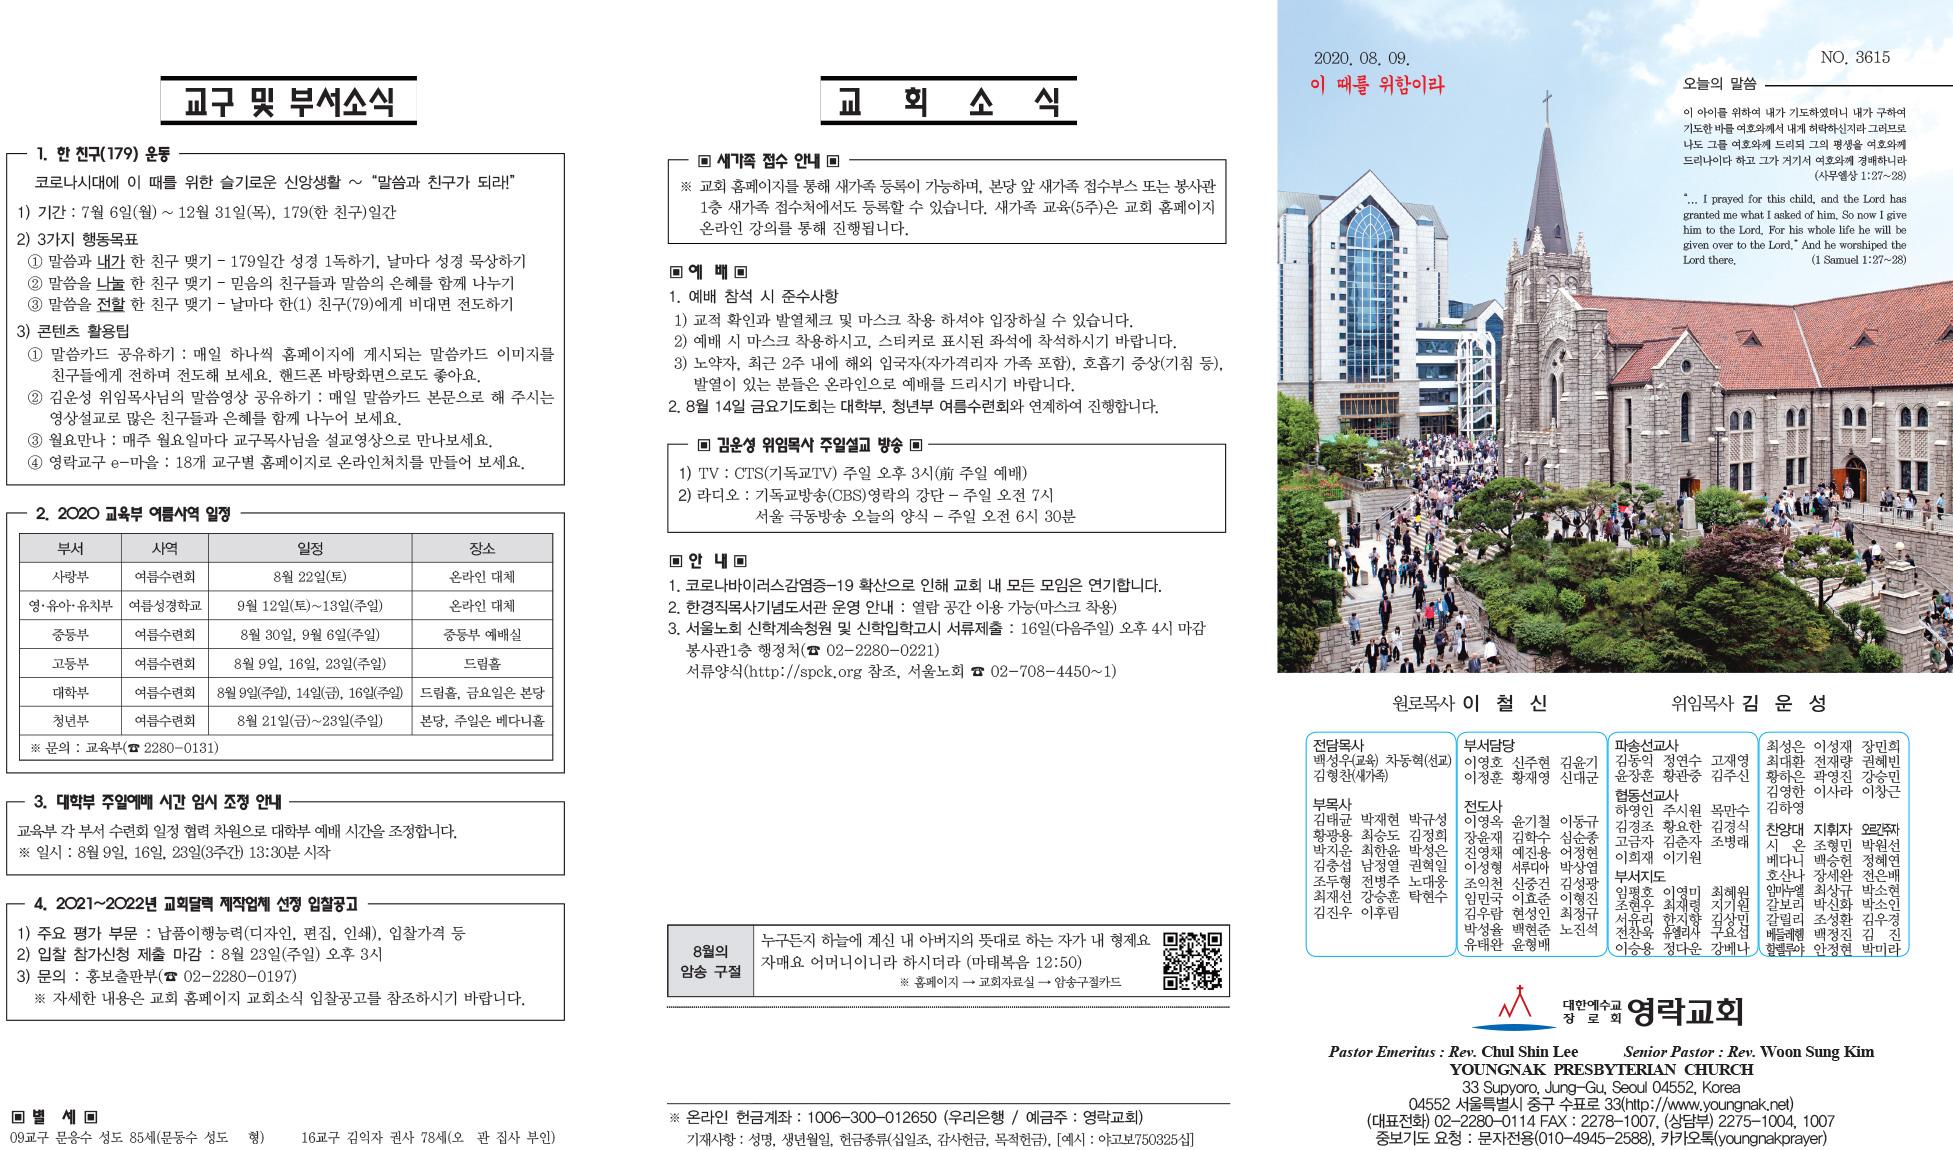 2020_08_09_1.jpg